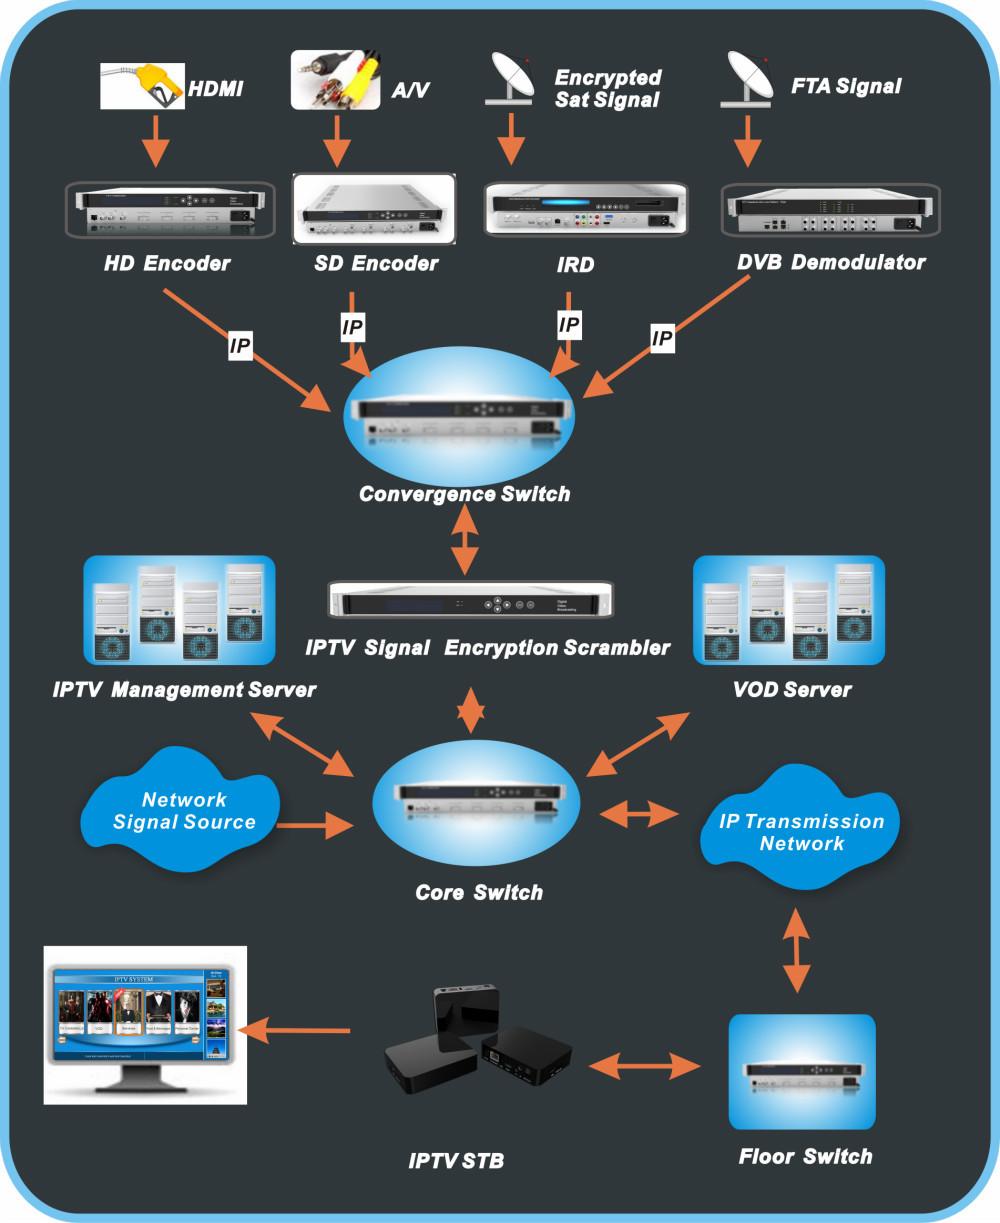 Hotel Iptv System Solution Epg Vod Billing System For Sale